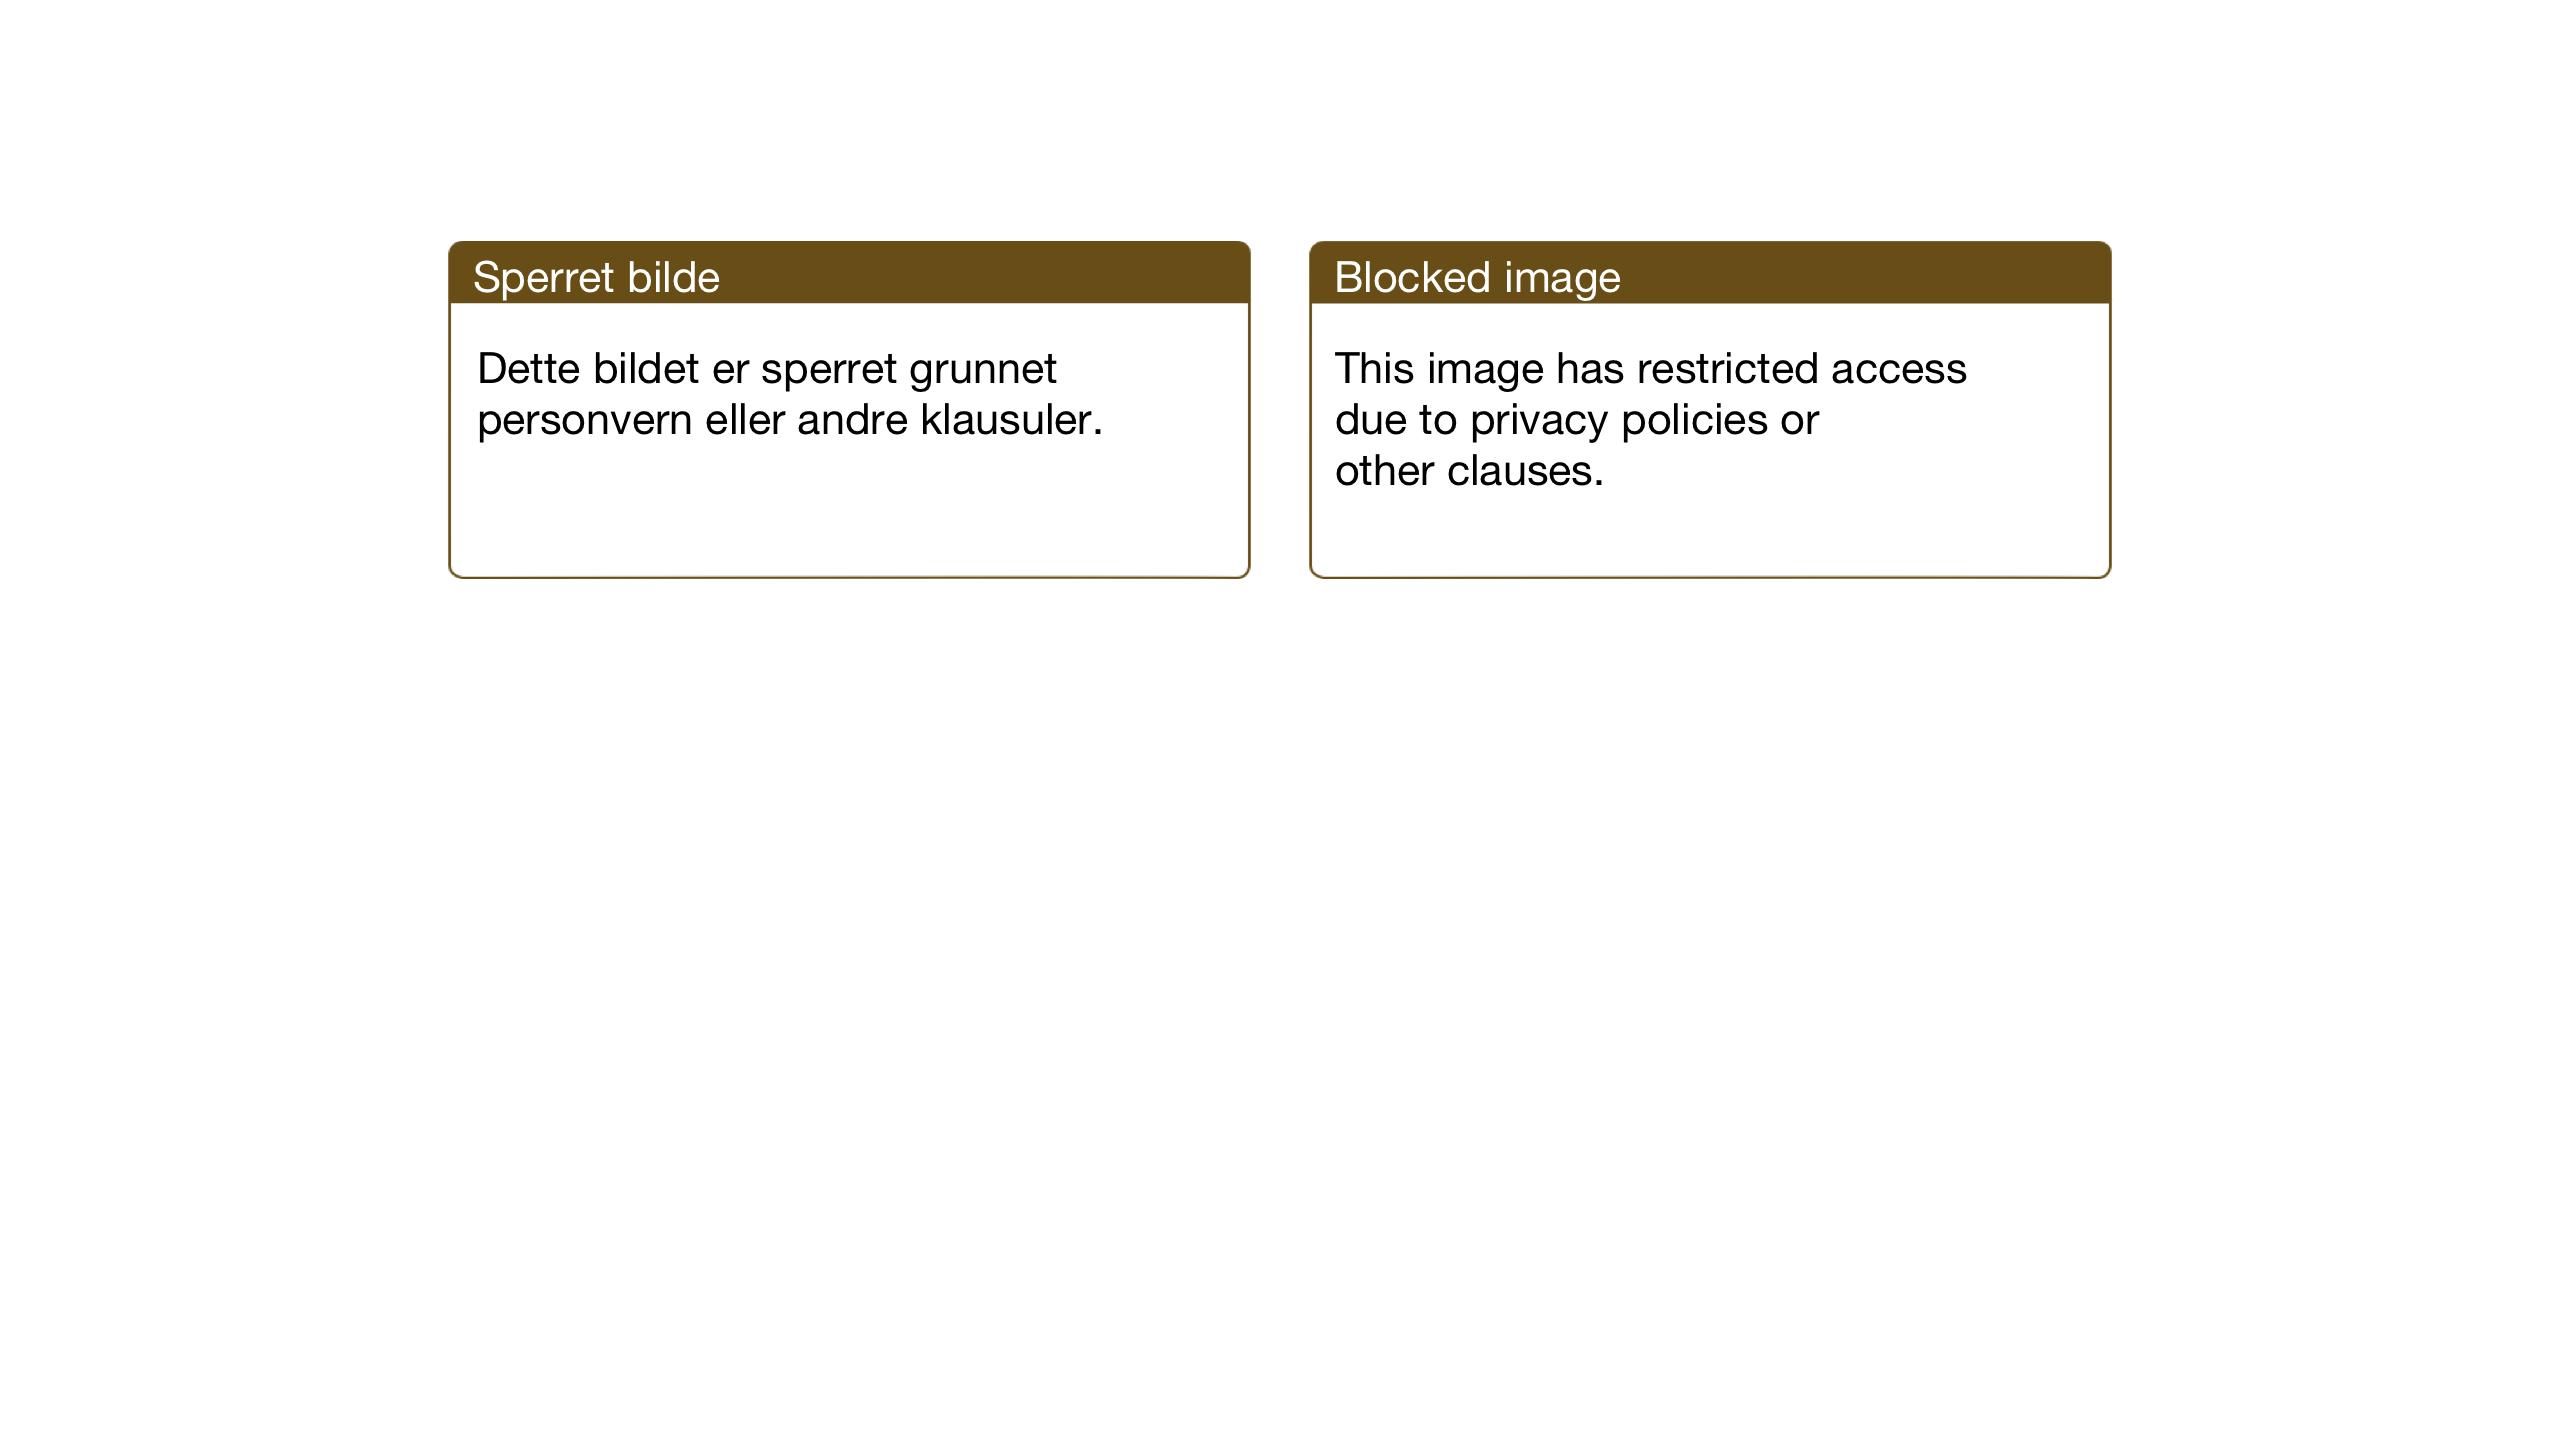 SAT, Ministerialprotokoller, klokkerbøker og fødselsregistre - Nord-Trøndelag, 749/L0481: Klokkerbok nr. 749C03, 1933-1945, s. 103